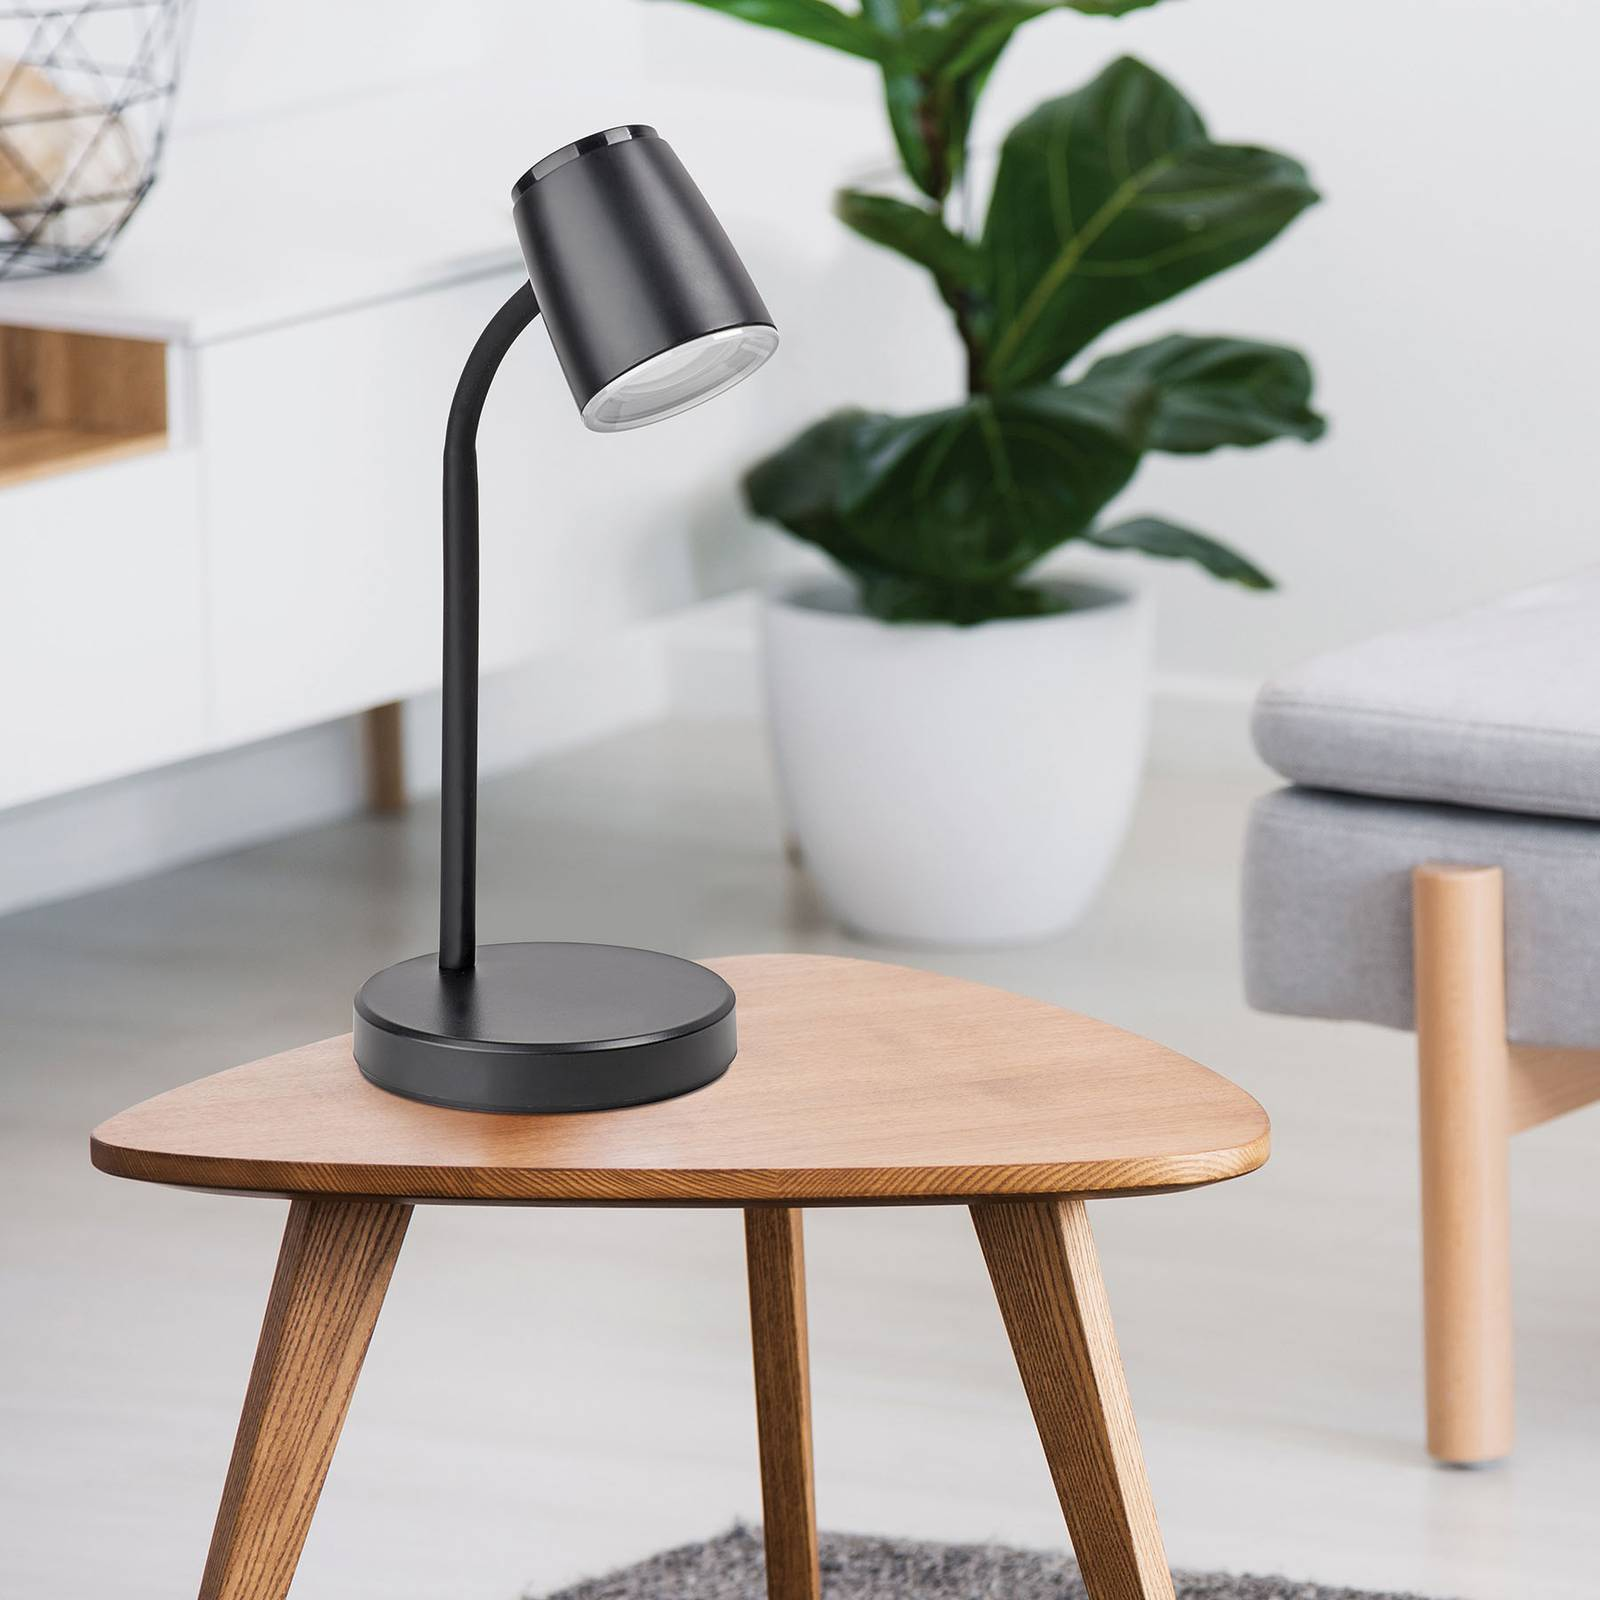 LED-työpöytälamppu MAULabby, musta